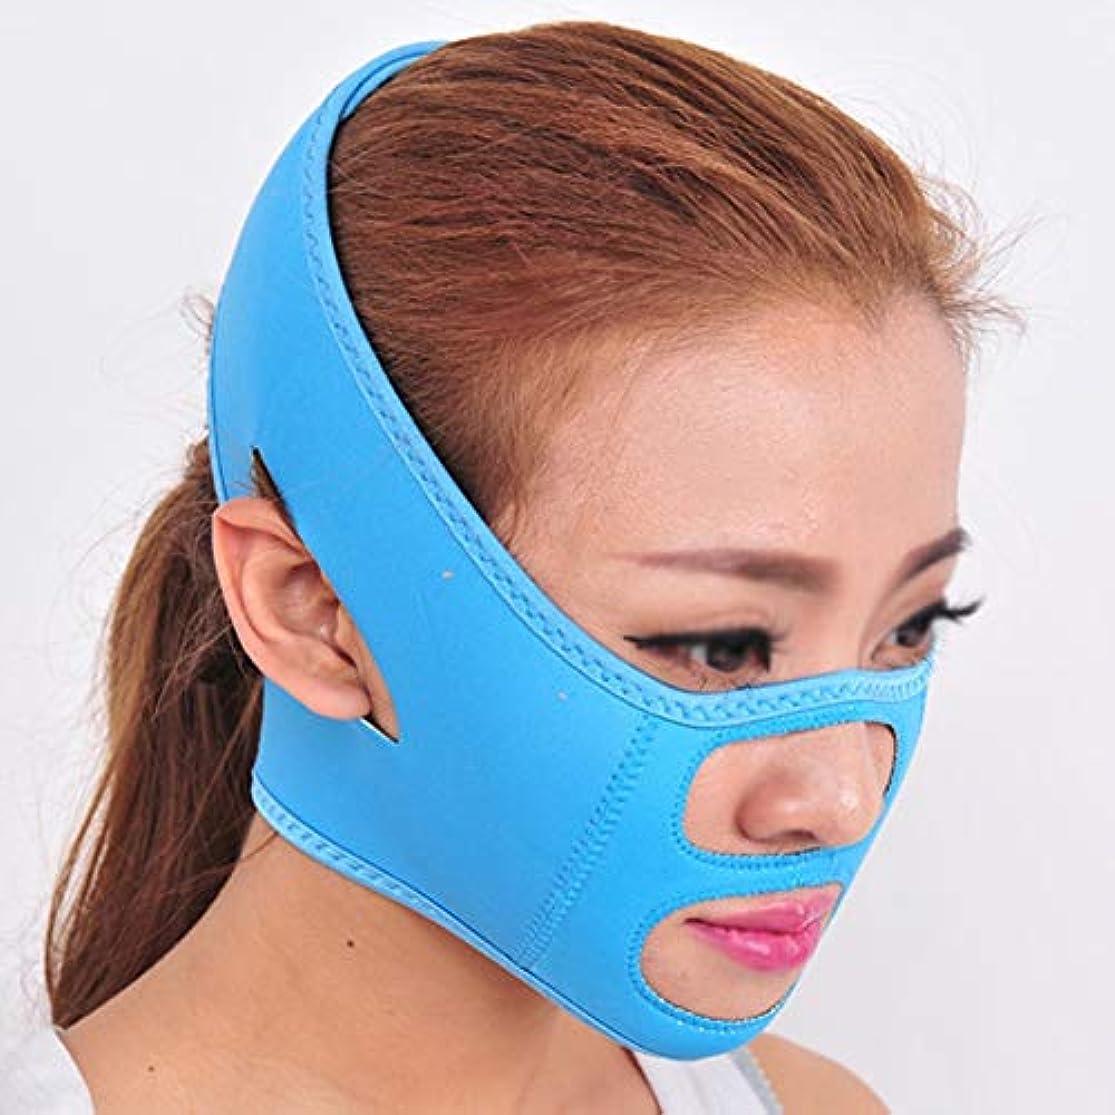 ブラシ支援するプレートXHLMRMJ あごのストラップ、フェイスリフティングマスク、二重あご、フェイスリフティングに最適、リフティングフェイシャルスキン、フェイシャル減量マスク、フェイスリフティングベルト(フリーサイズ) (Color : Blue)